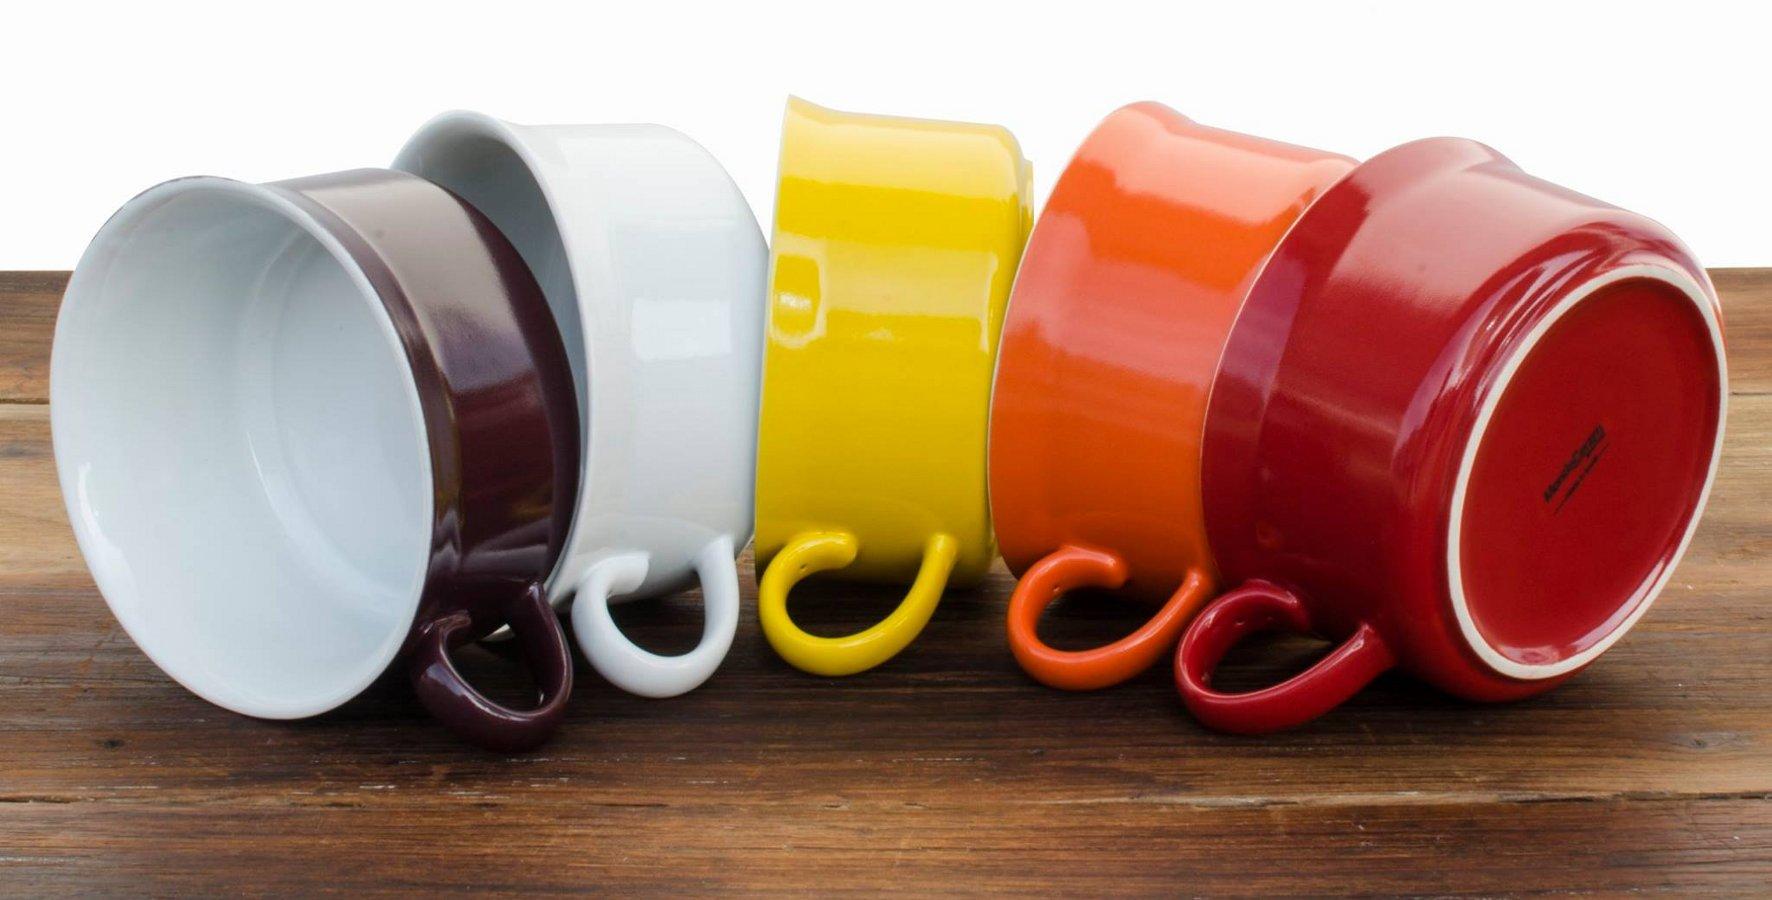 Новинки керамической посуды от Ceraflame 2014 года. Коллекция кружек для супа - вид Б